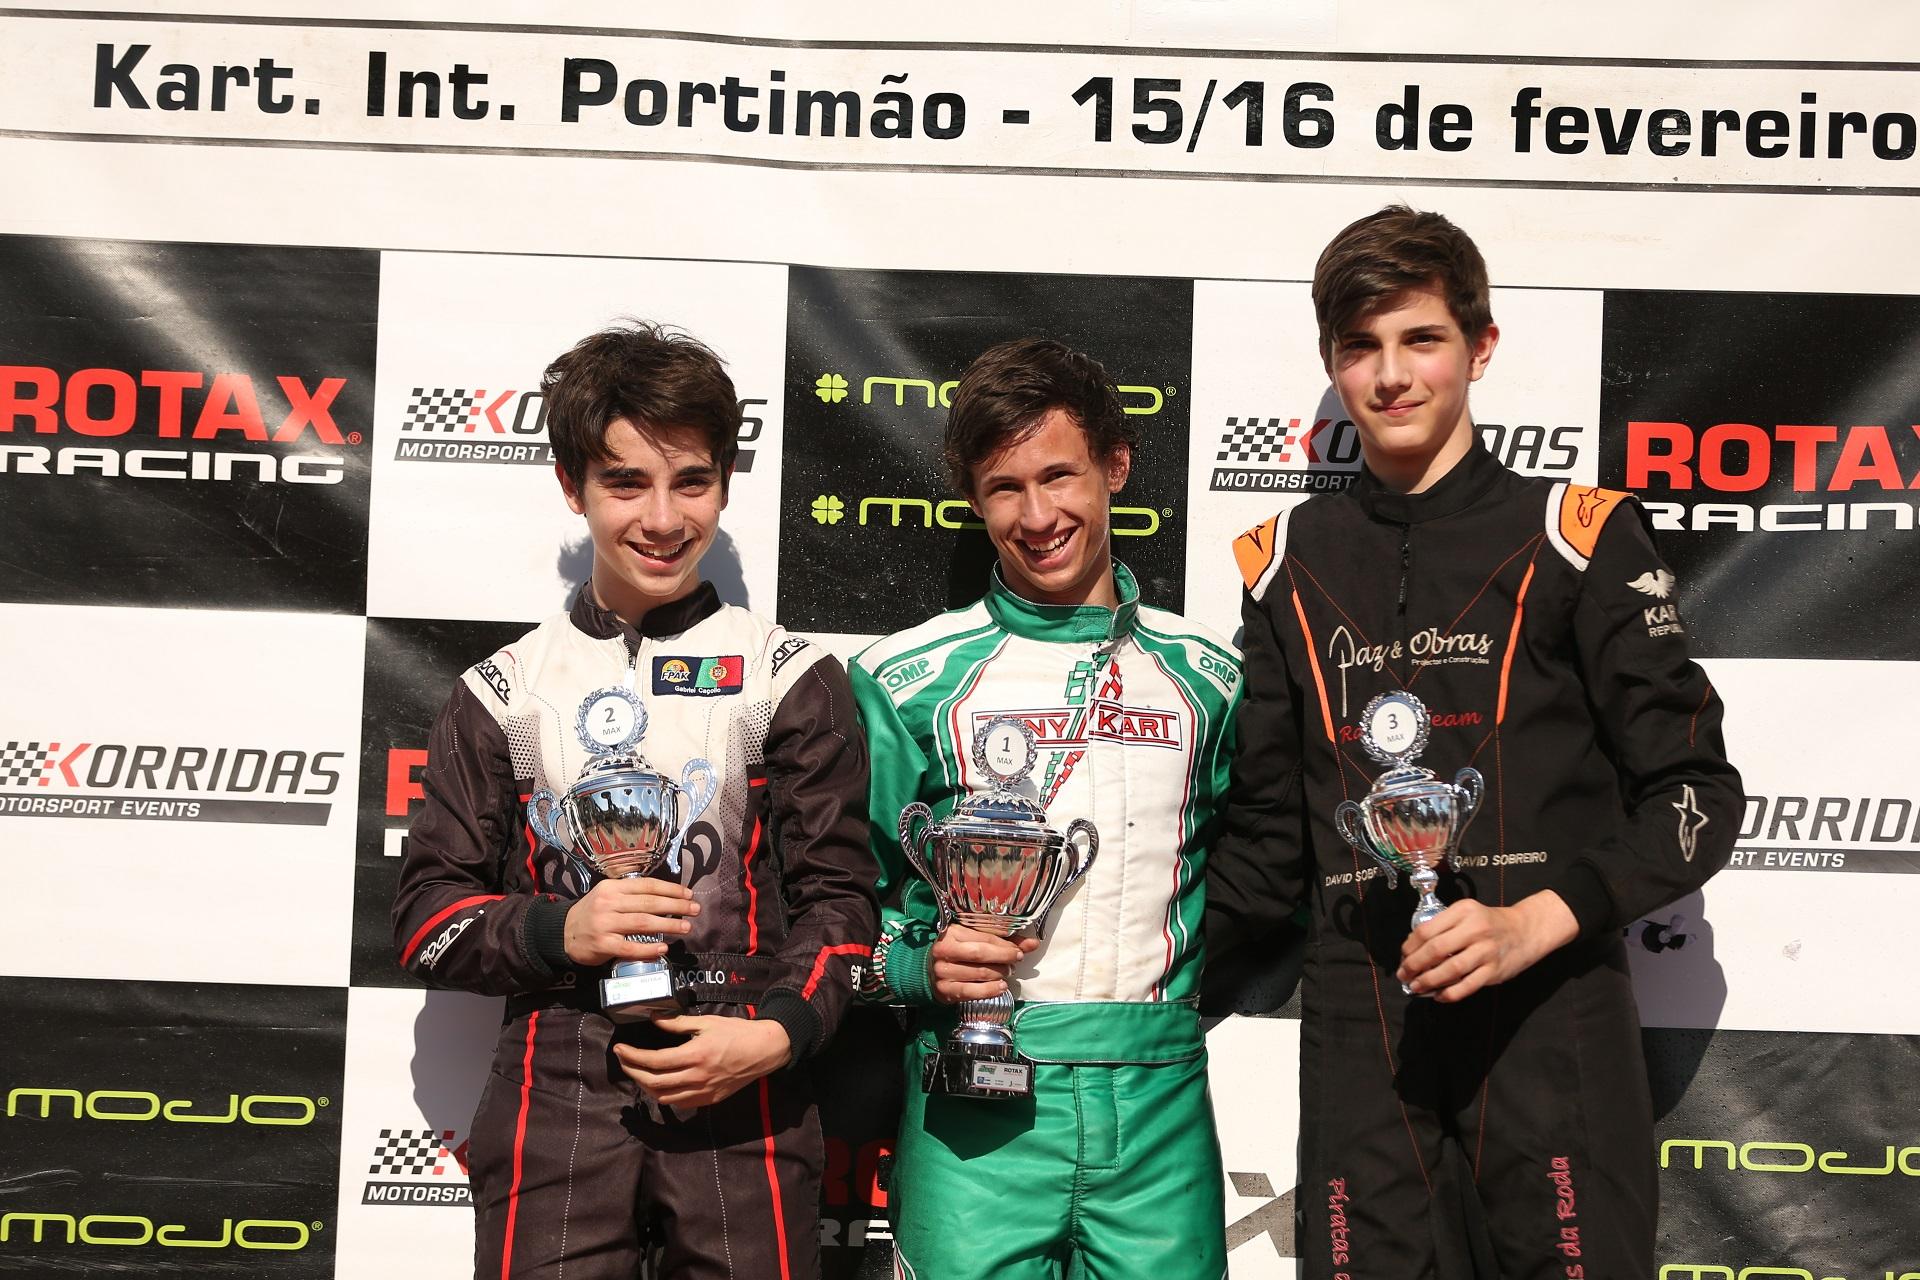 Martim Nunes somou mais uma vitória no Troféu Rotax Sénior Max em Portimão